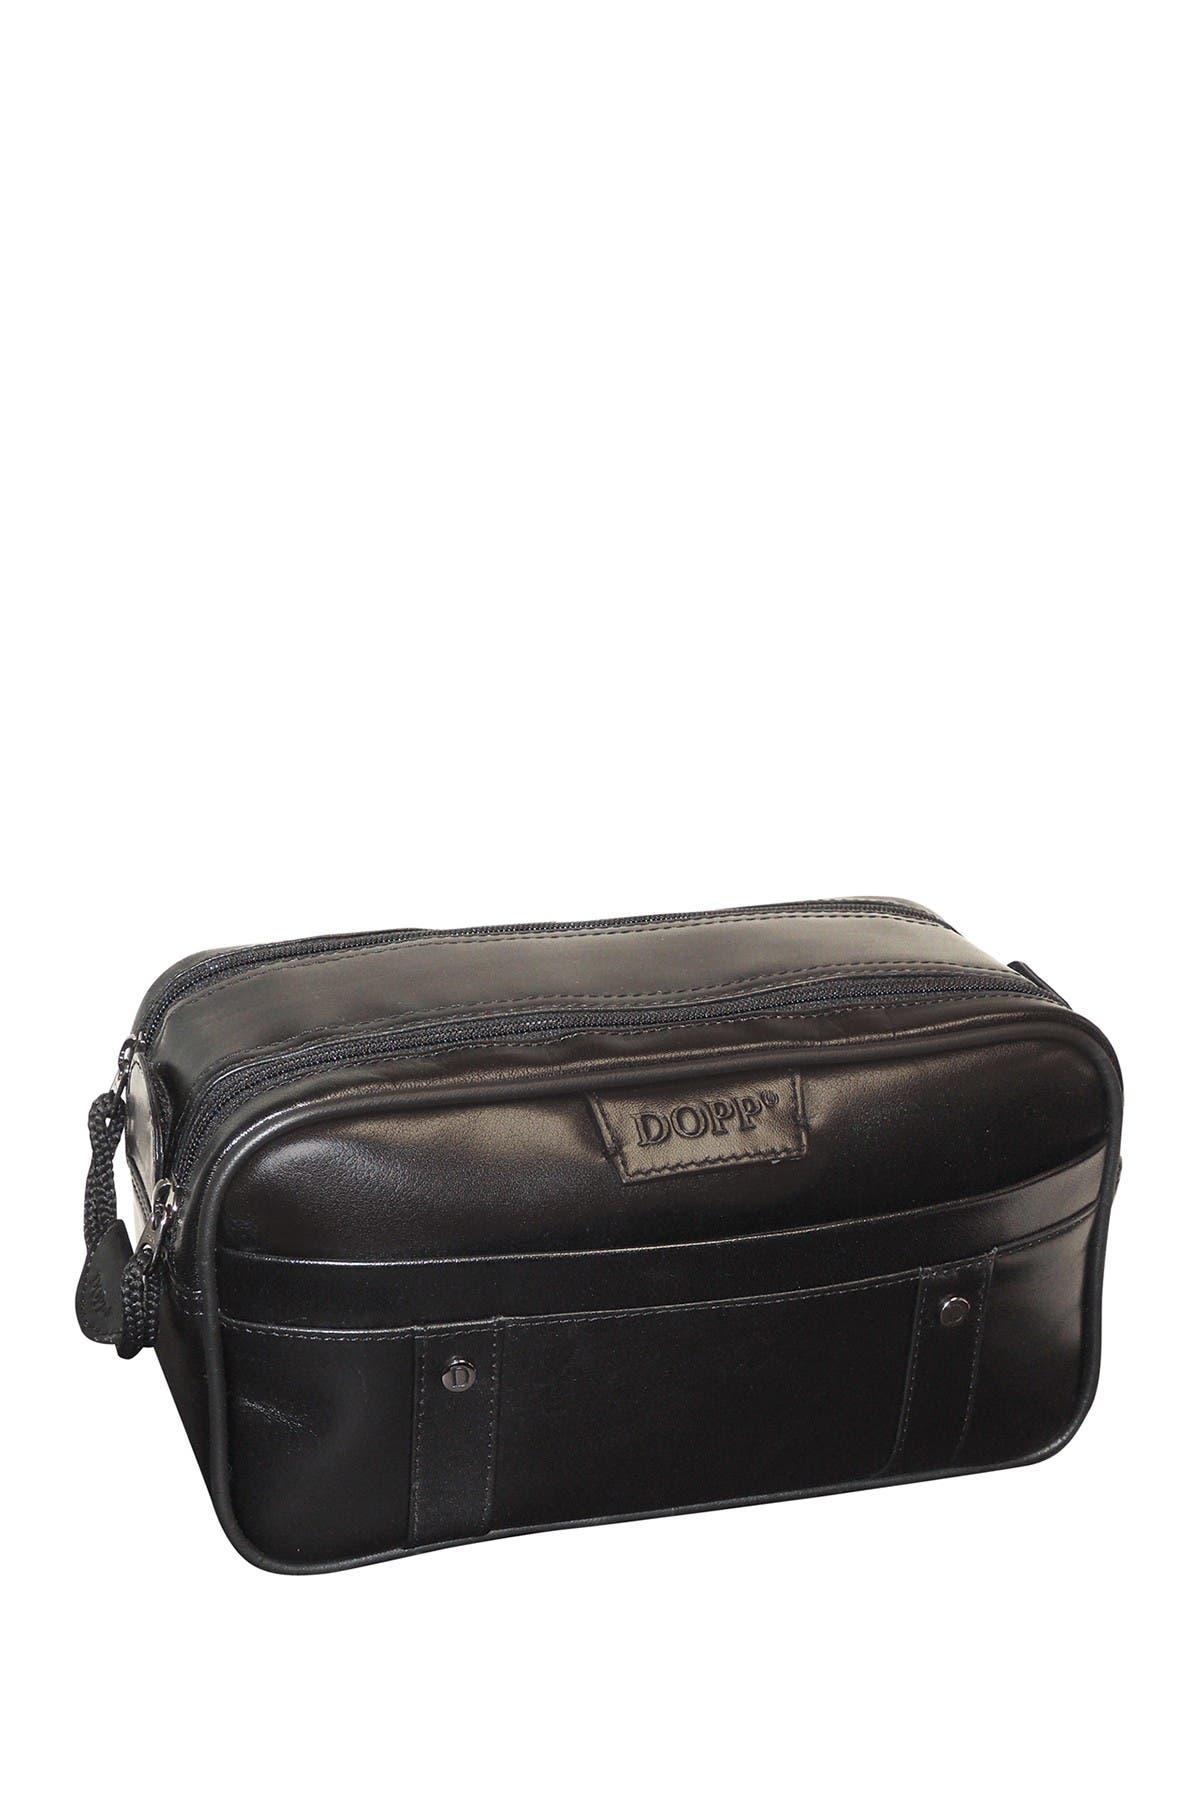 Image of Buxton Veneto Soft Sided Travel Kit